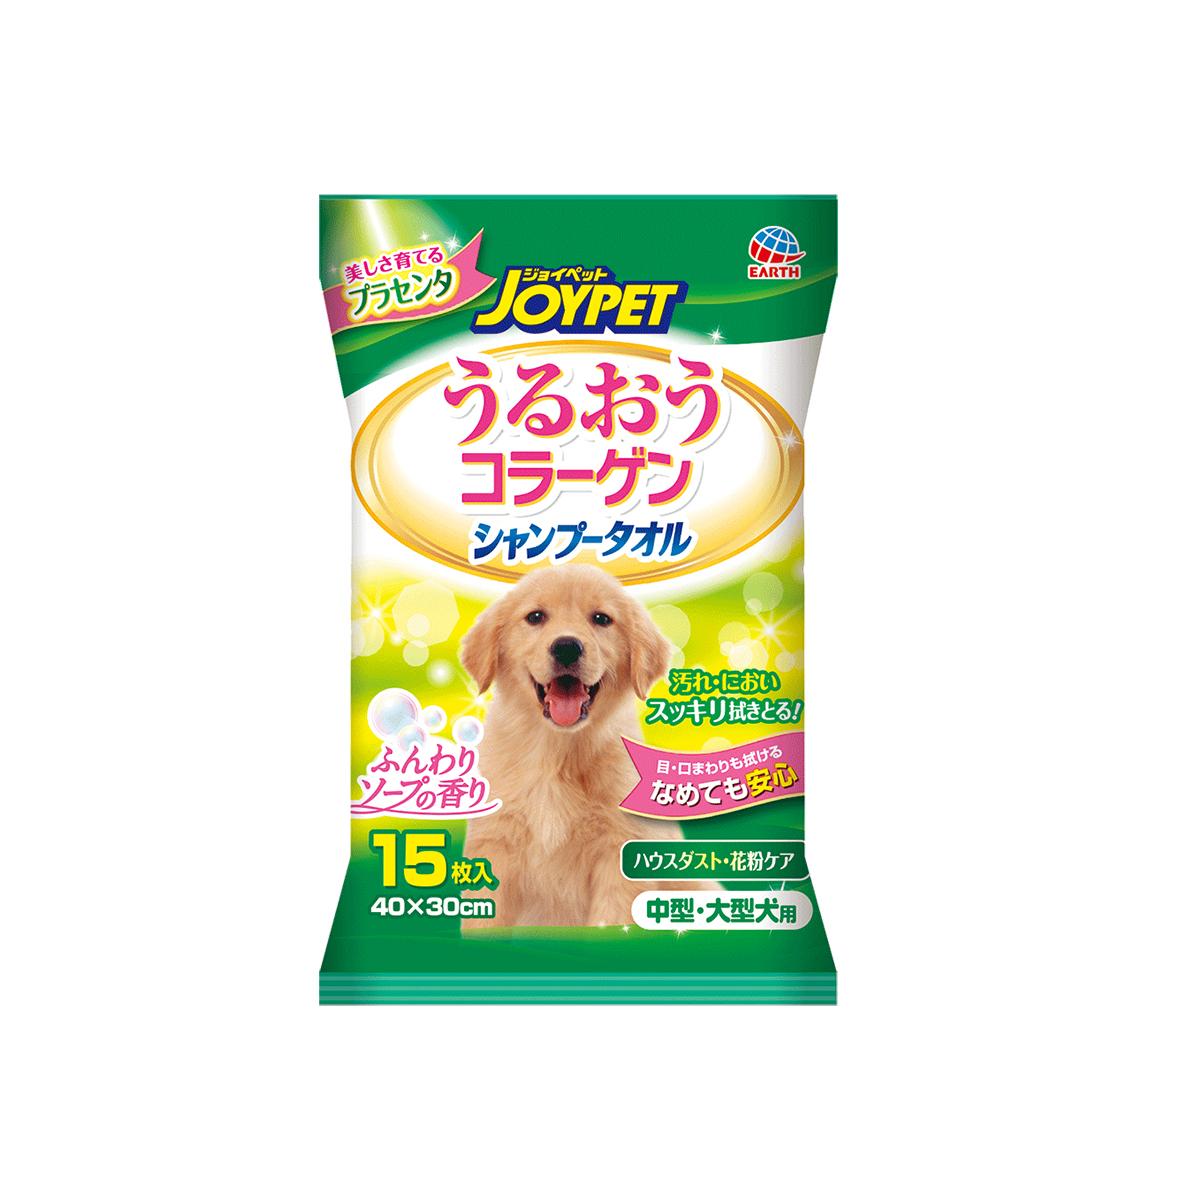 JOYPET 美容清洁香波湿毛巾(中大型犬用)